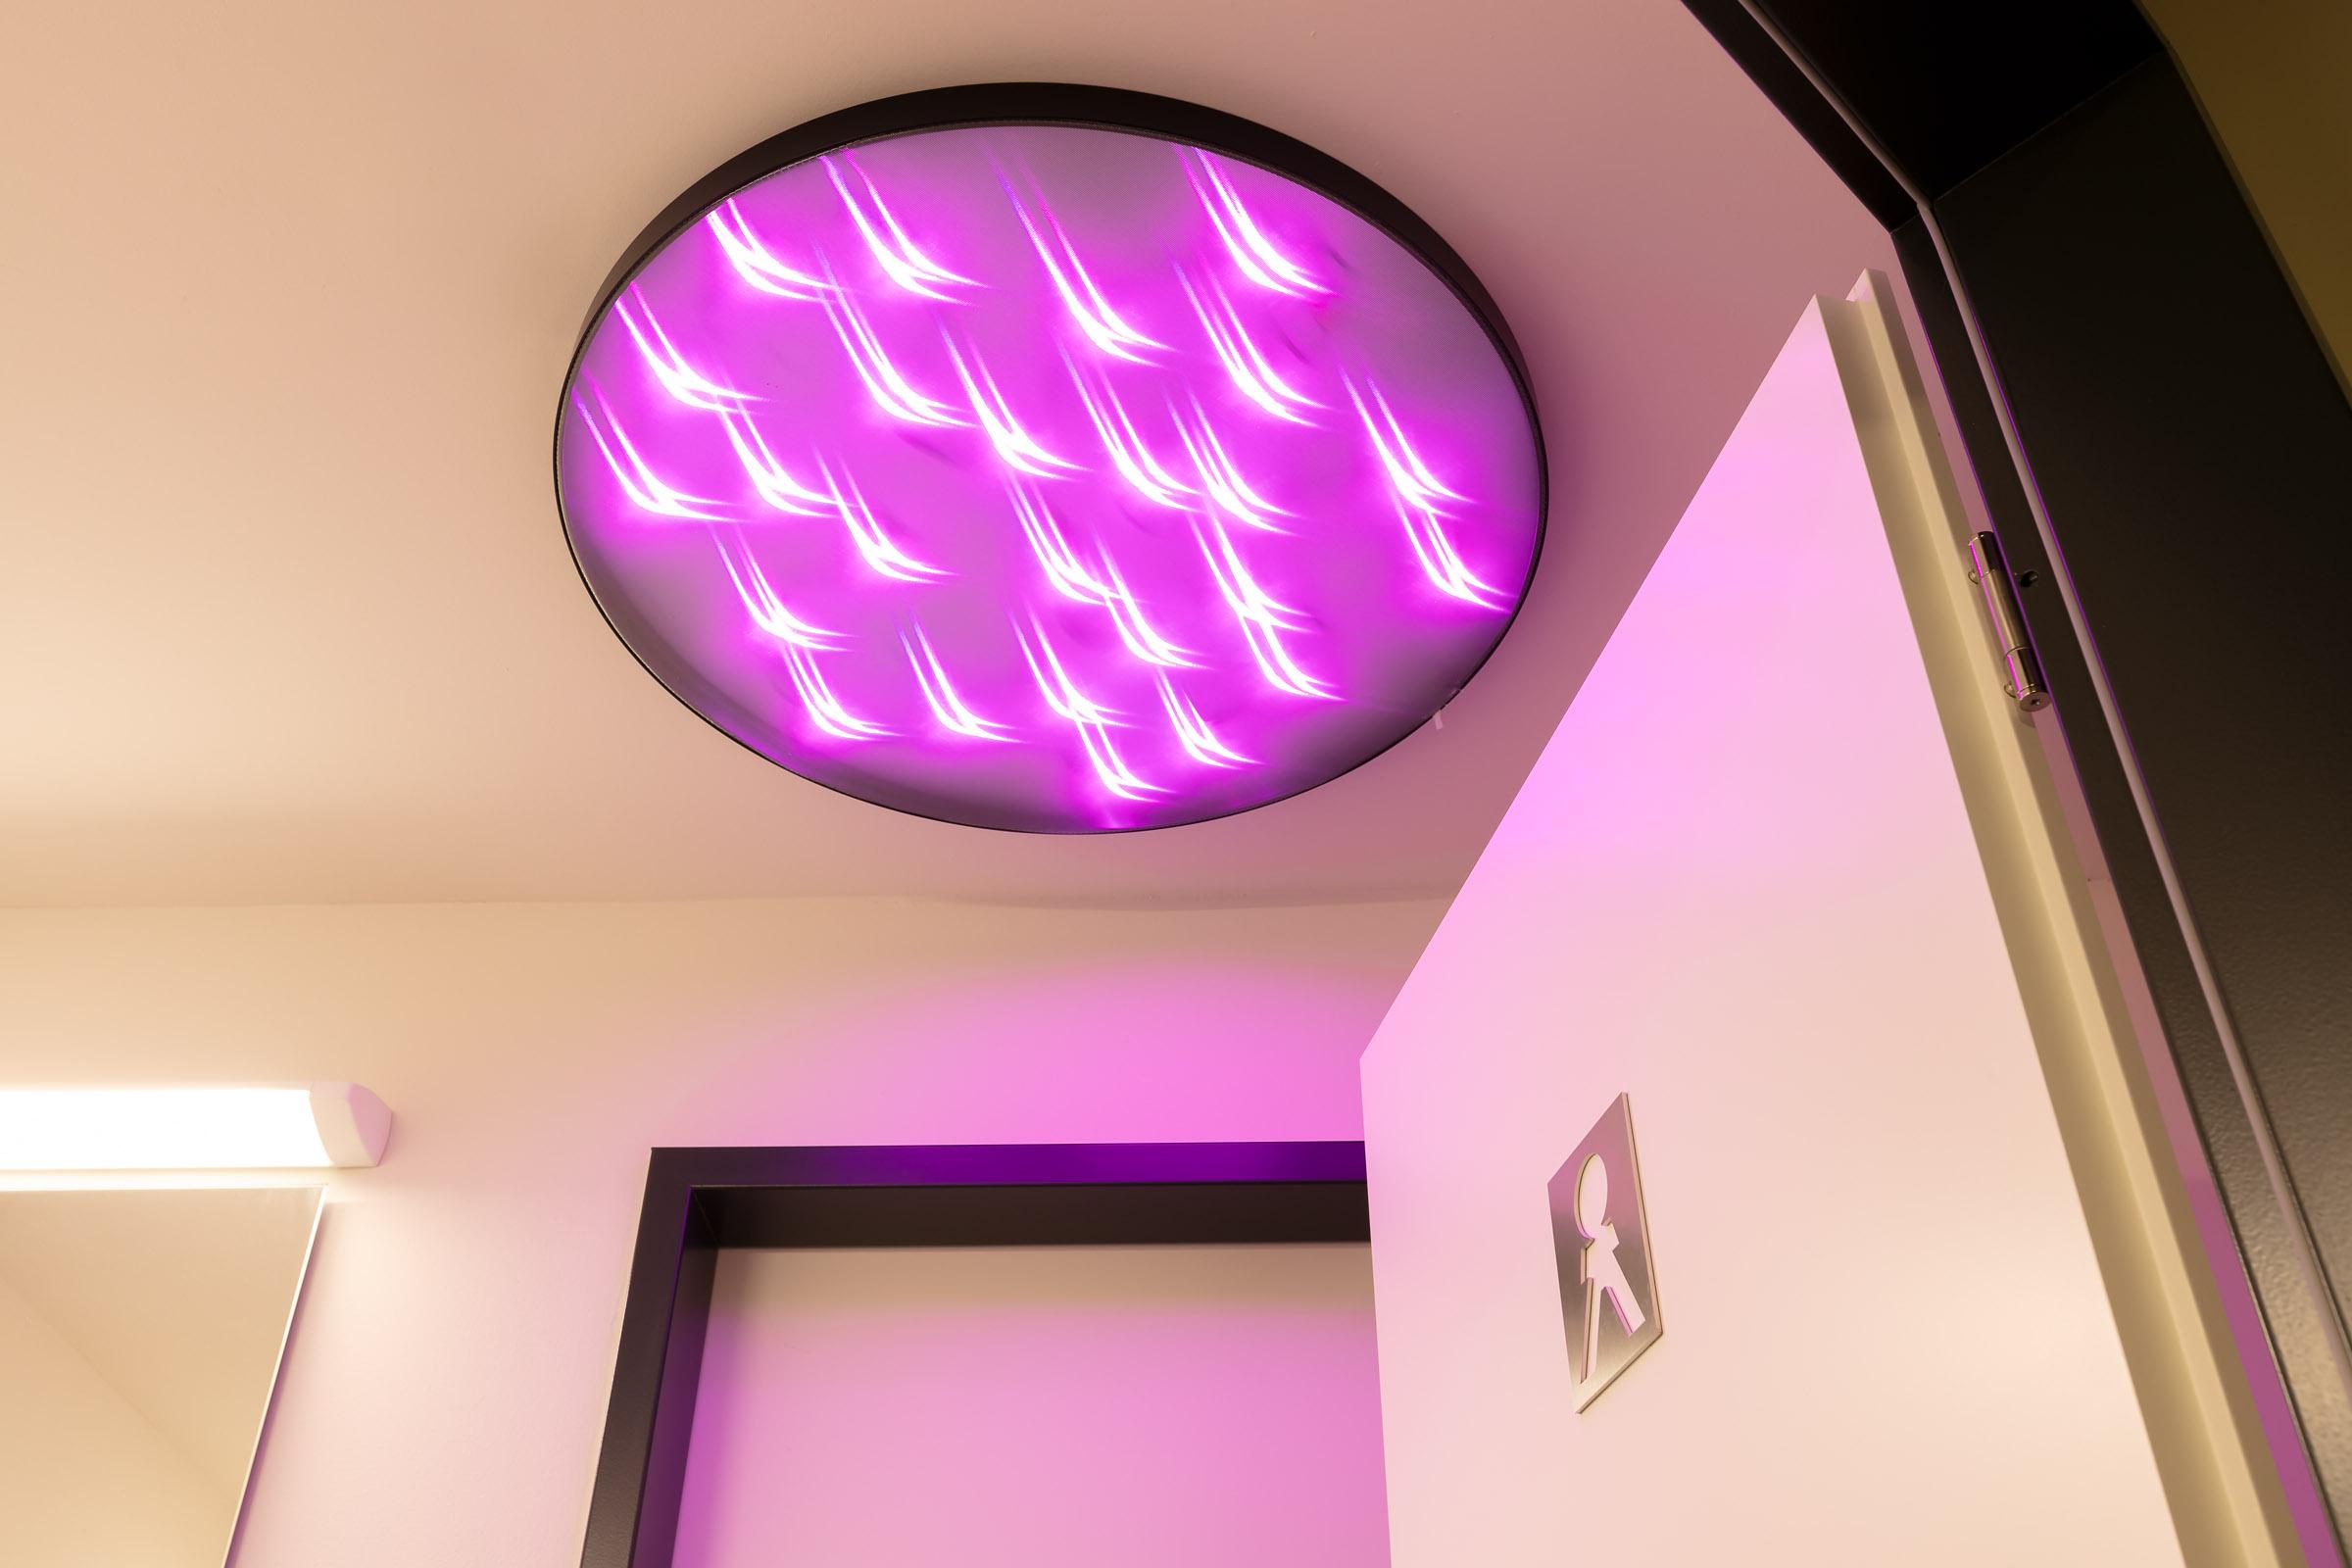 Pink leuchtende LED Deckenleuchte im Sanitaerbereich